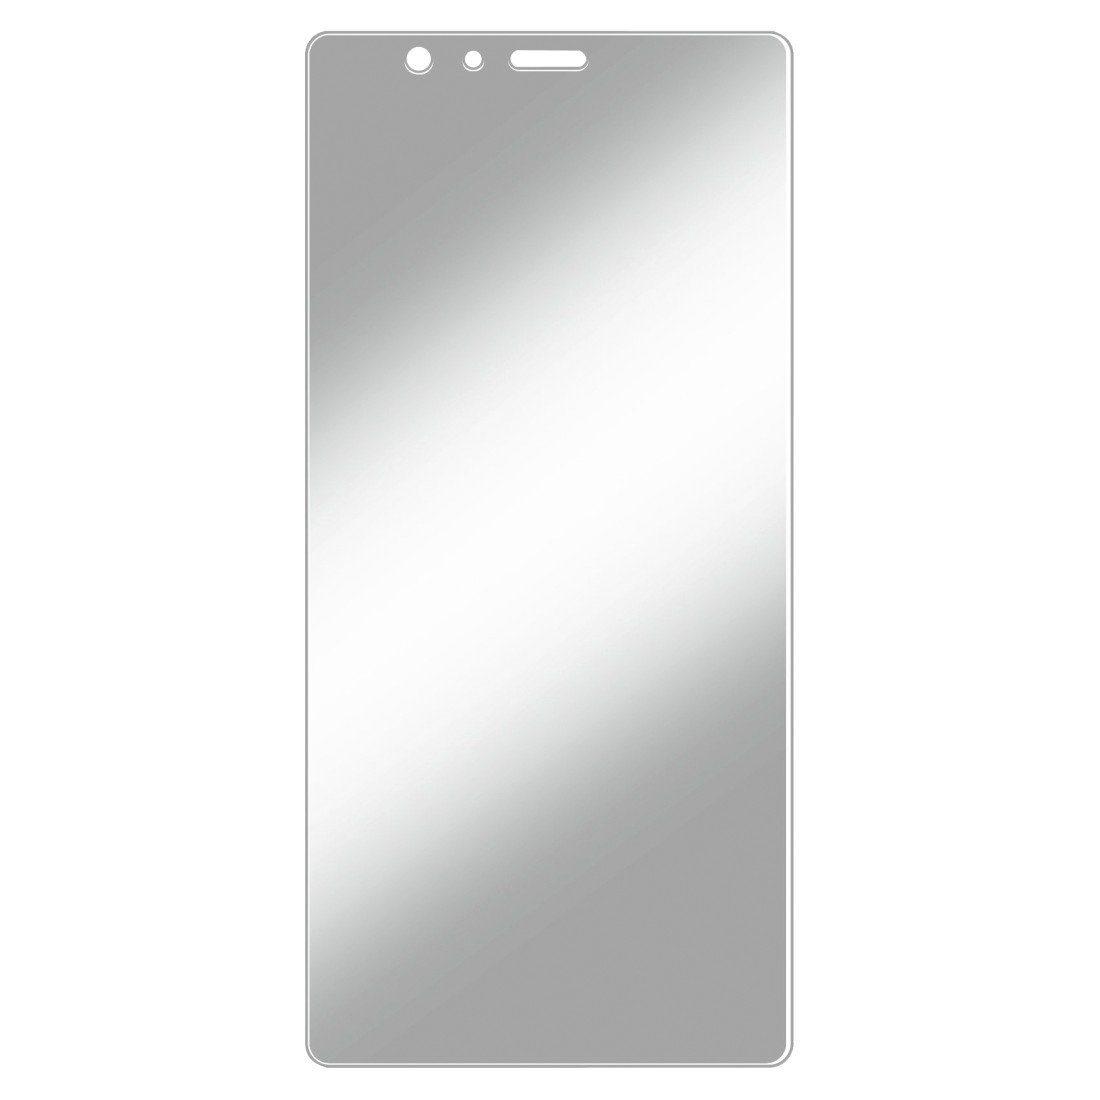 Hama Display-Schutzfolie Crystal Clear für Huawei P9, 2 Stück